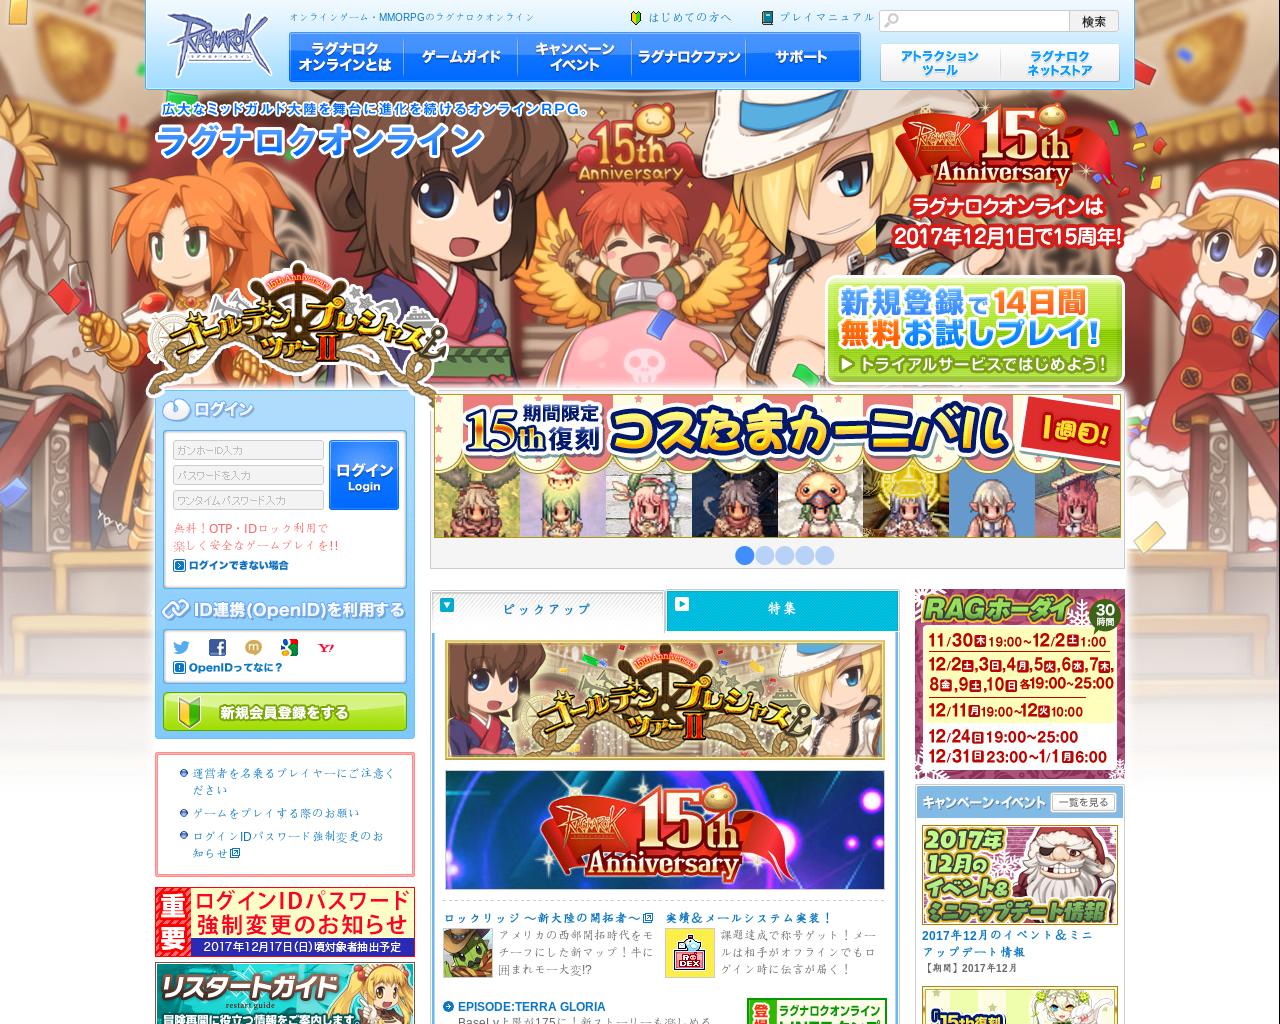 ragnarokonline.gungho.jp(2017/12/05 17:46:08)